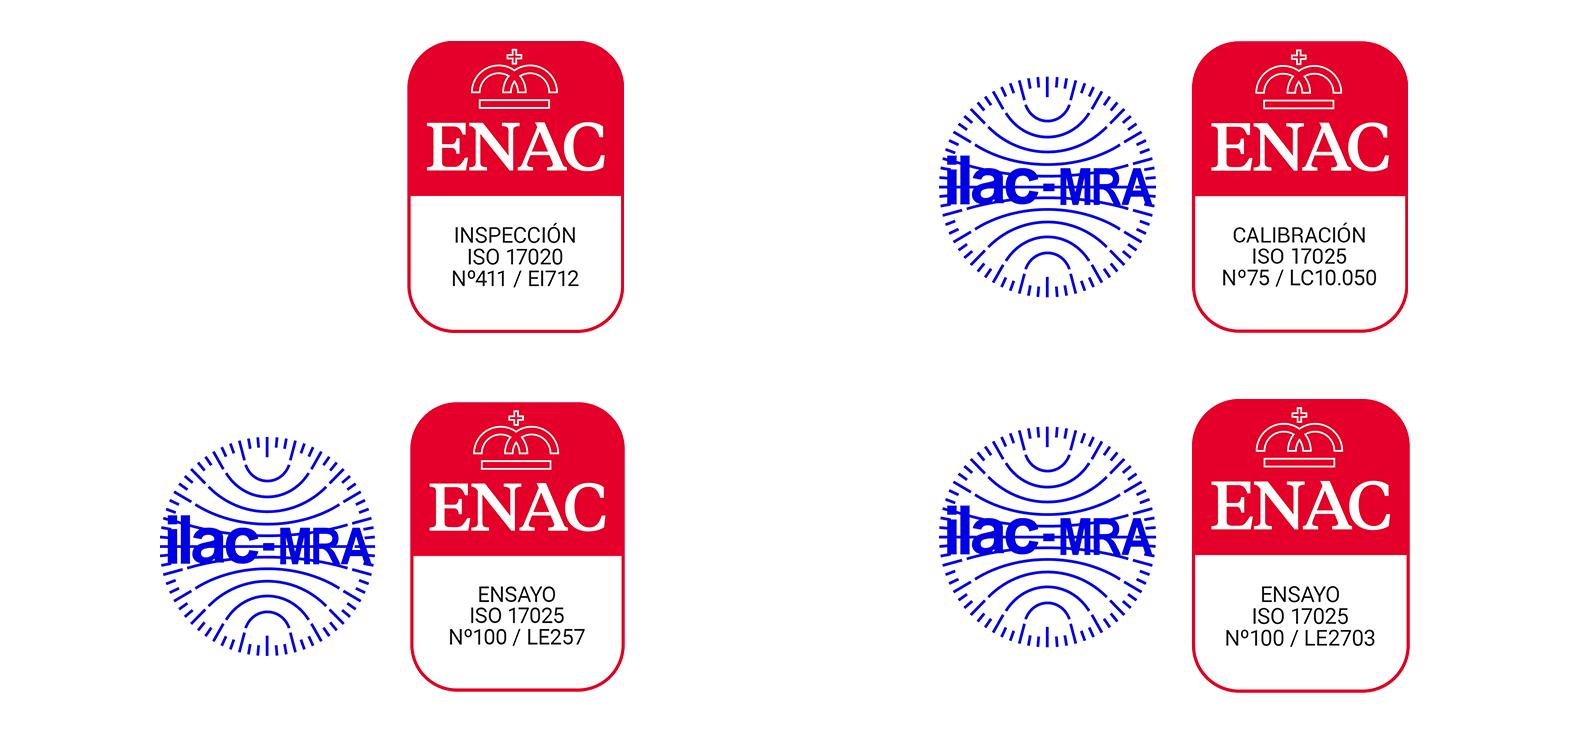 Imagen Certificado ENAC